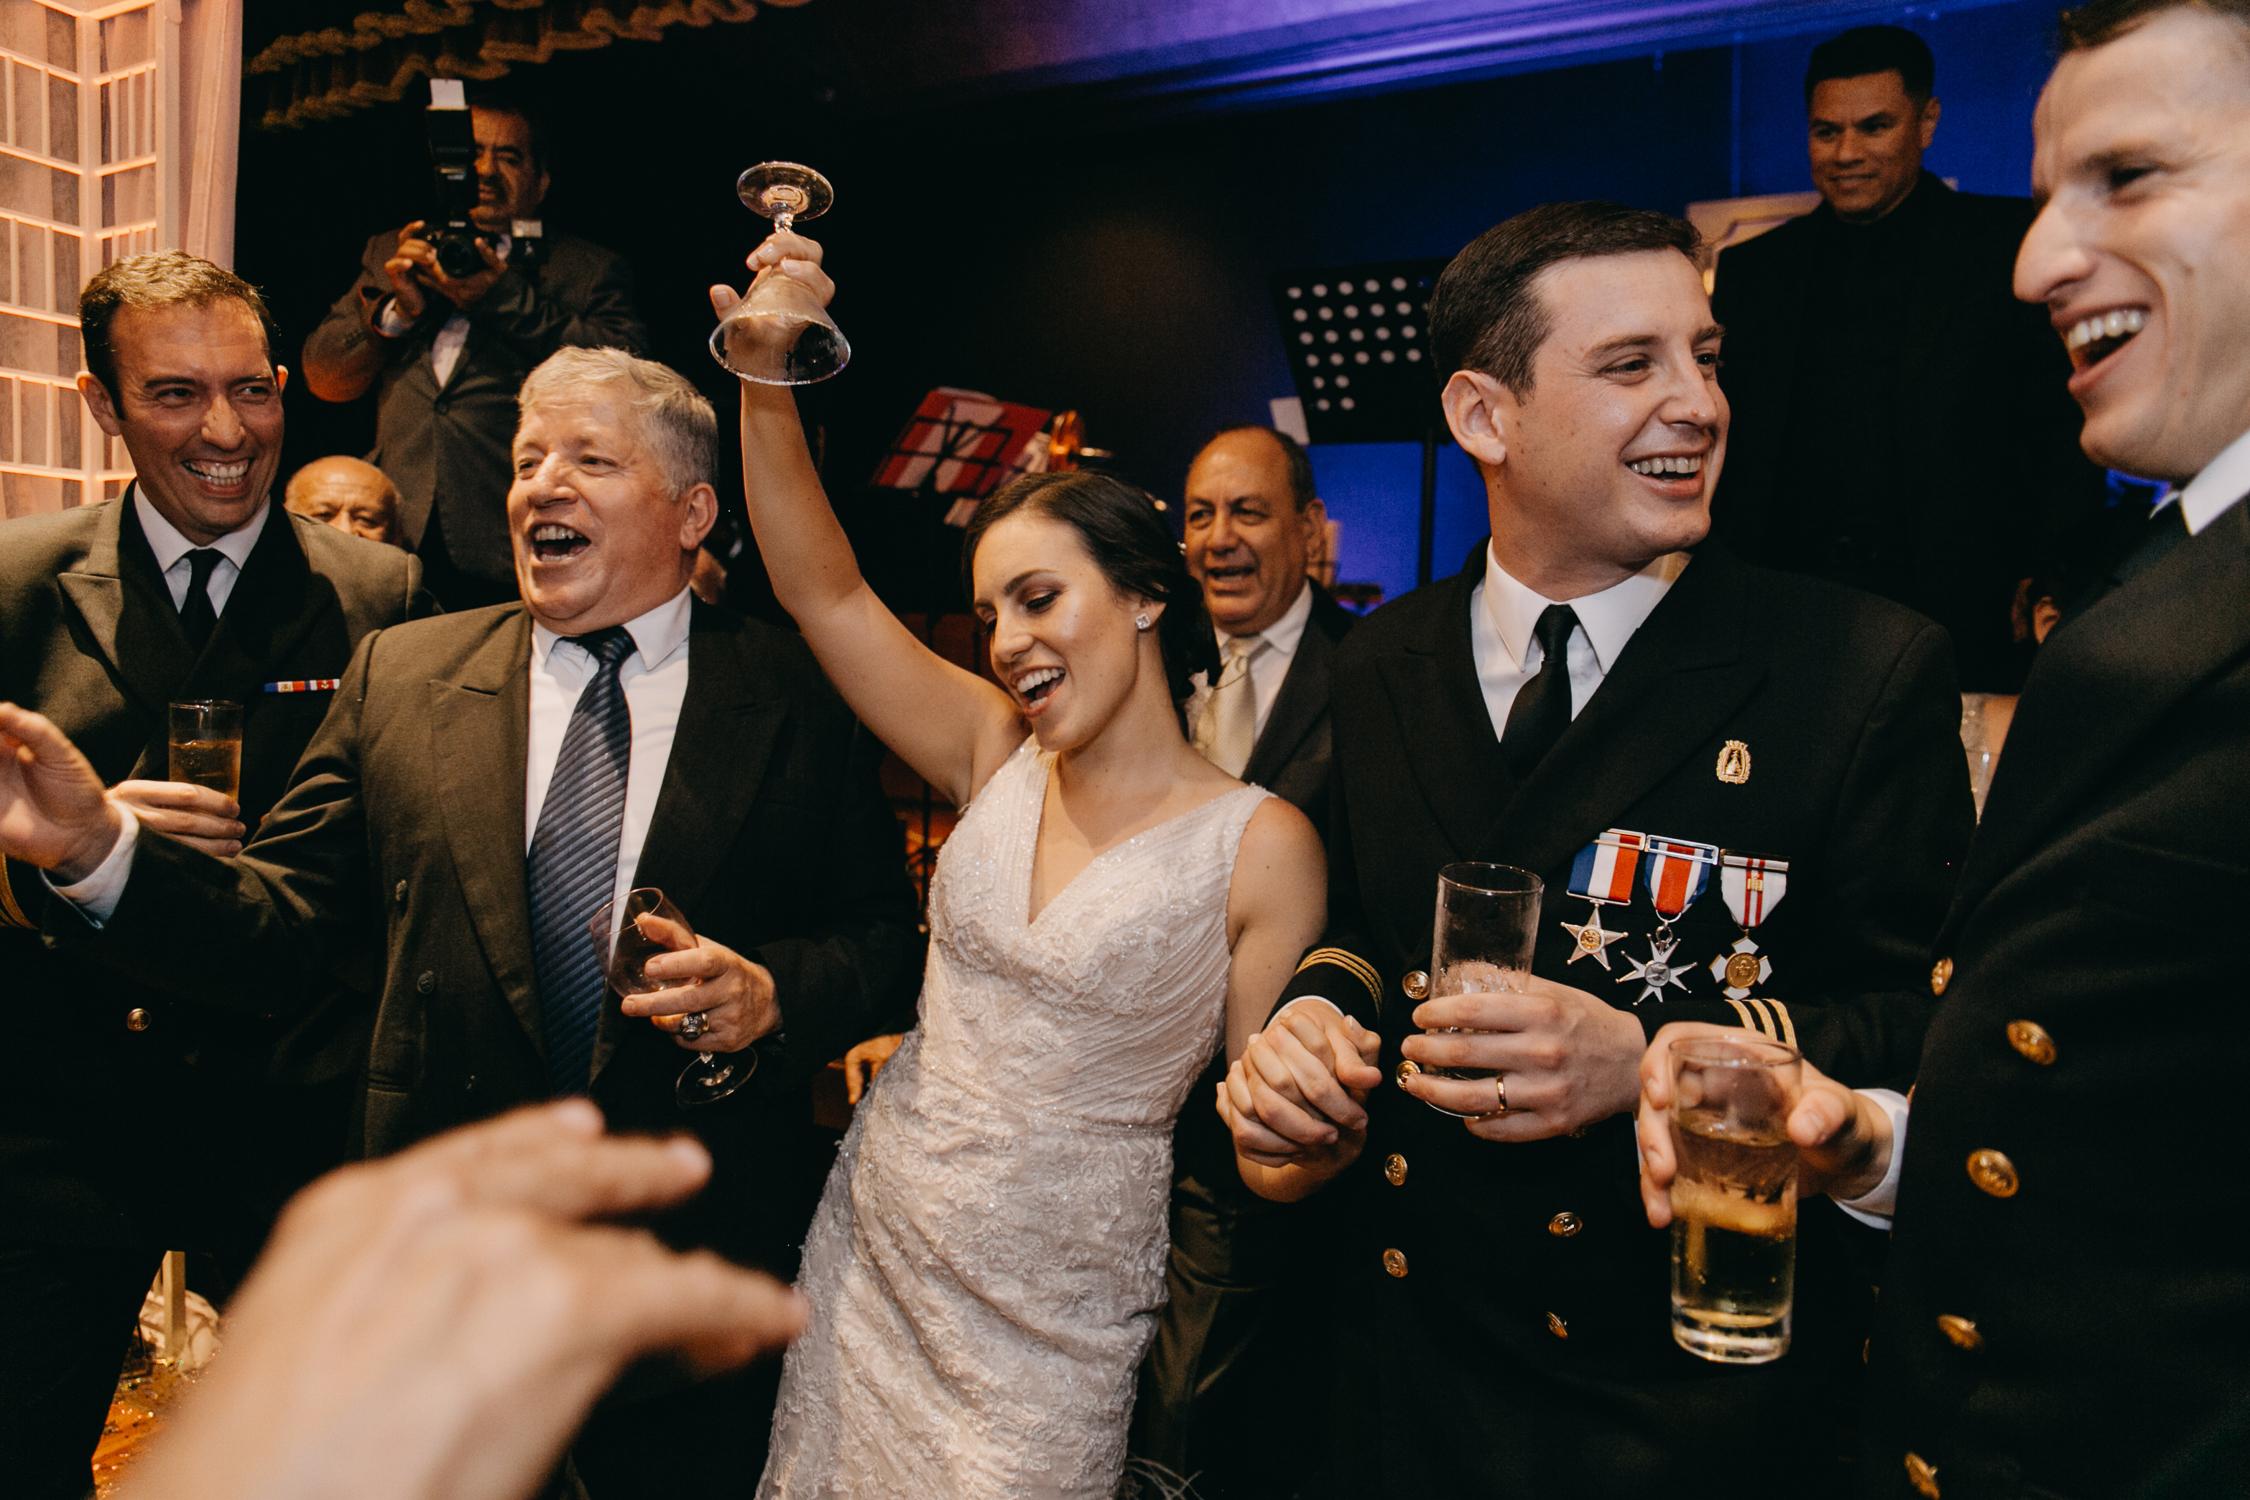 Michelle-Agurto-Fotografia-Bodas-Ecuador-Destination-Wedding-Photographer-Ecuador-Mercedes-Alvaro-235.JPG